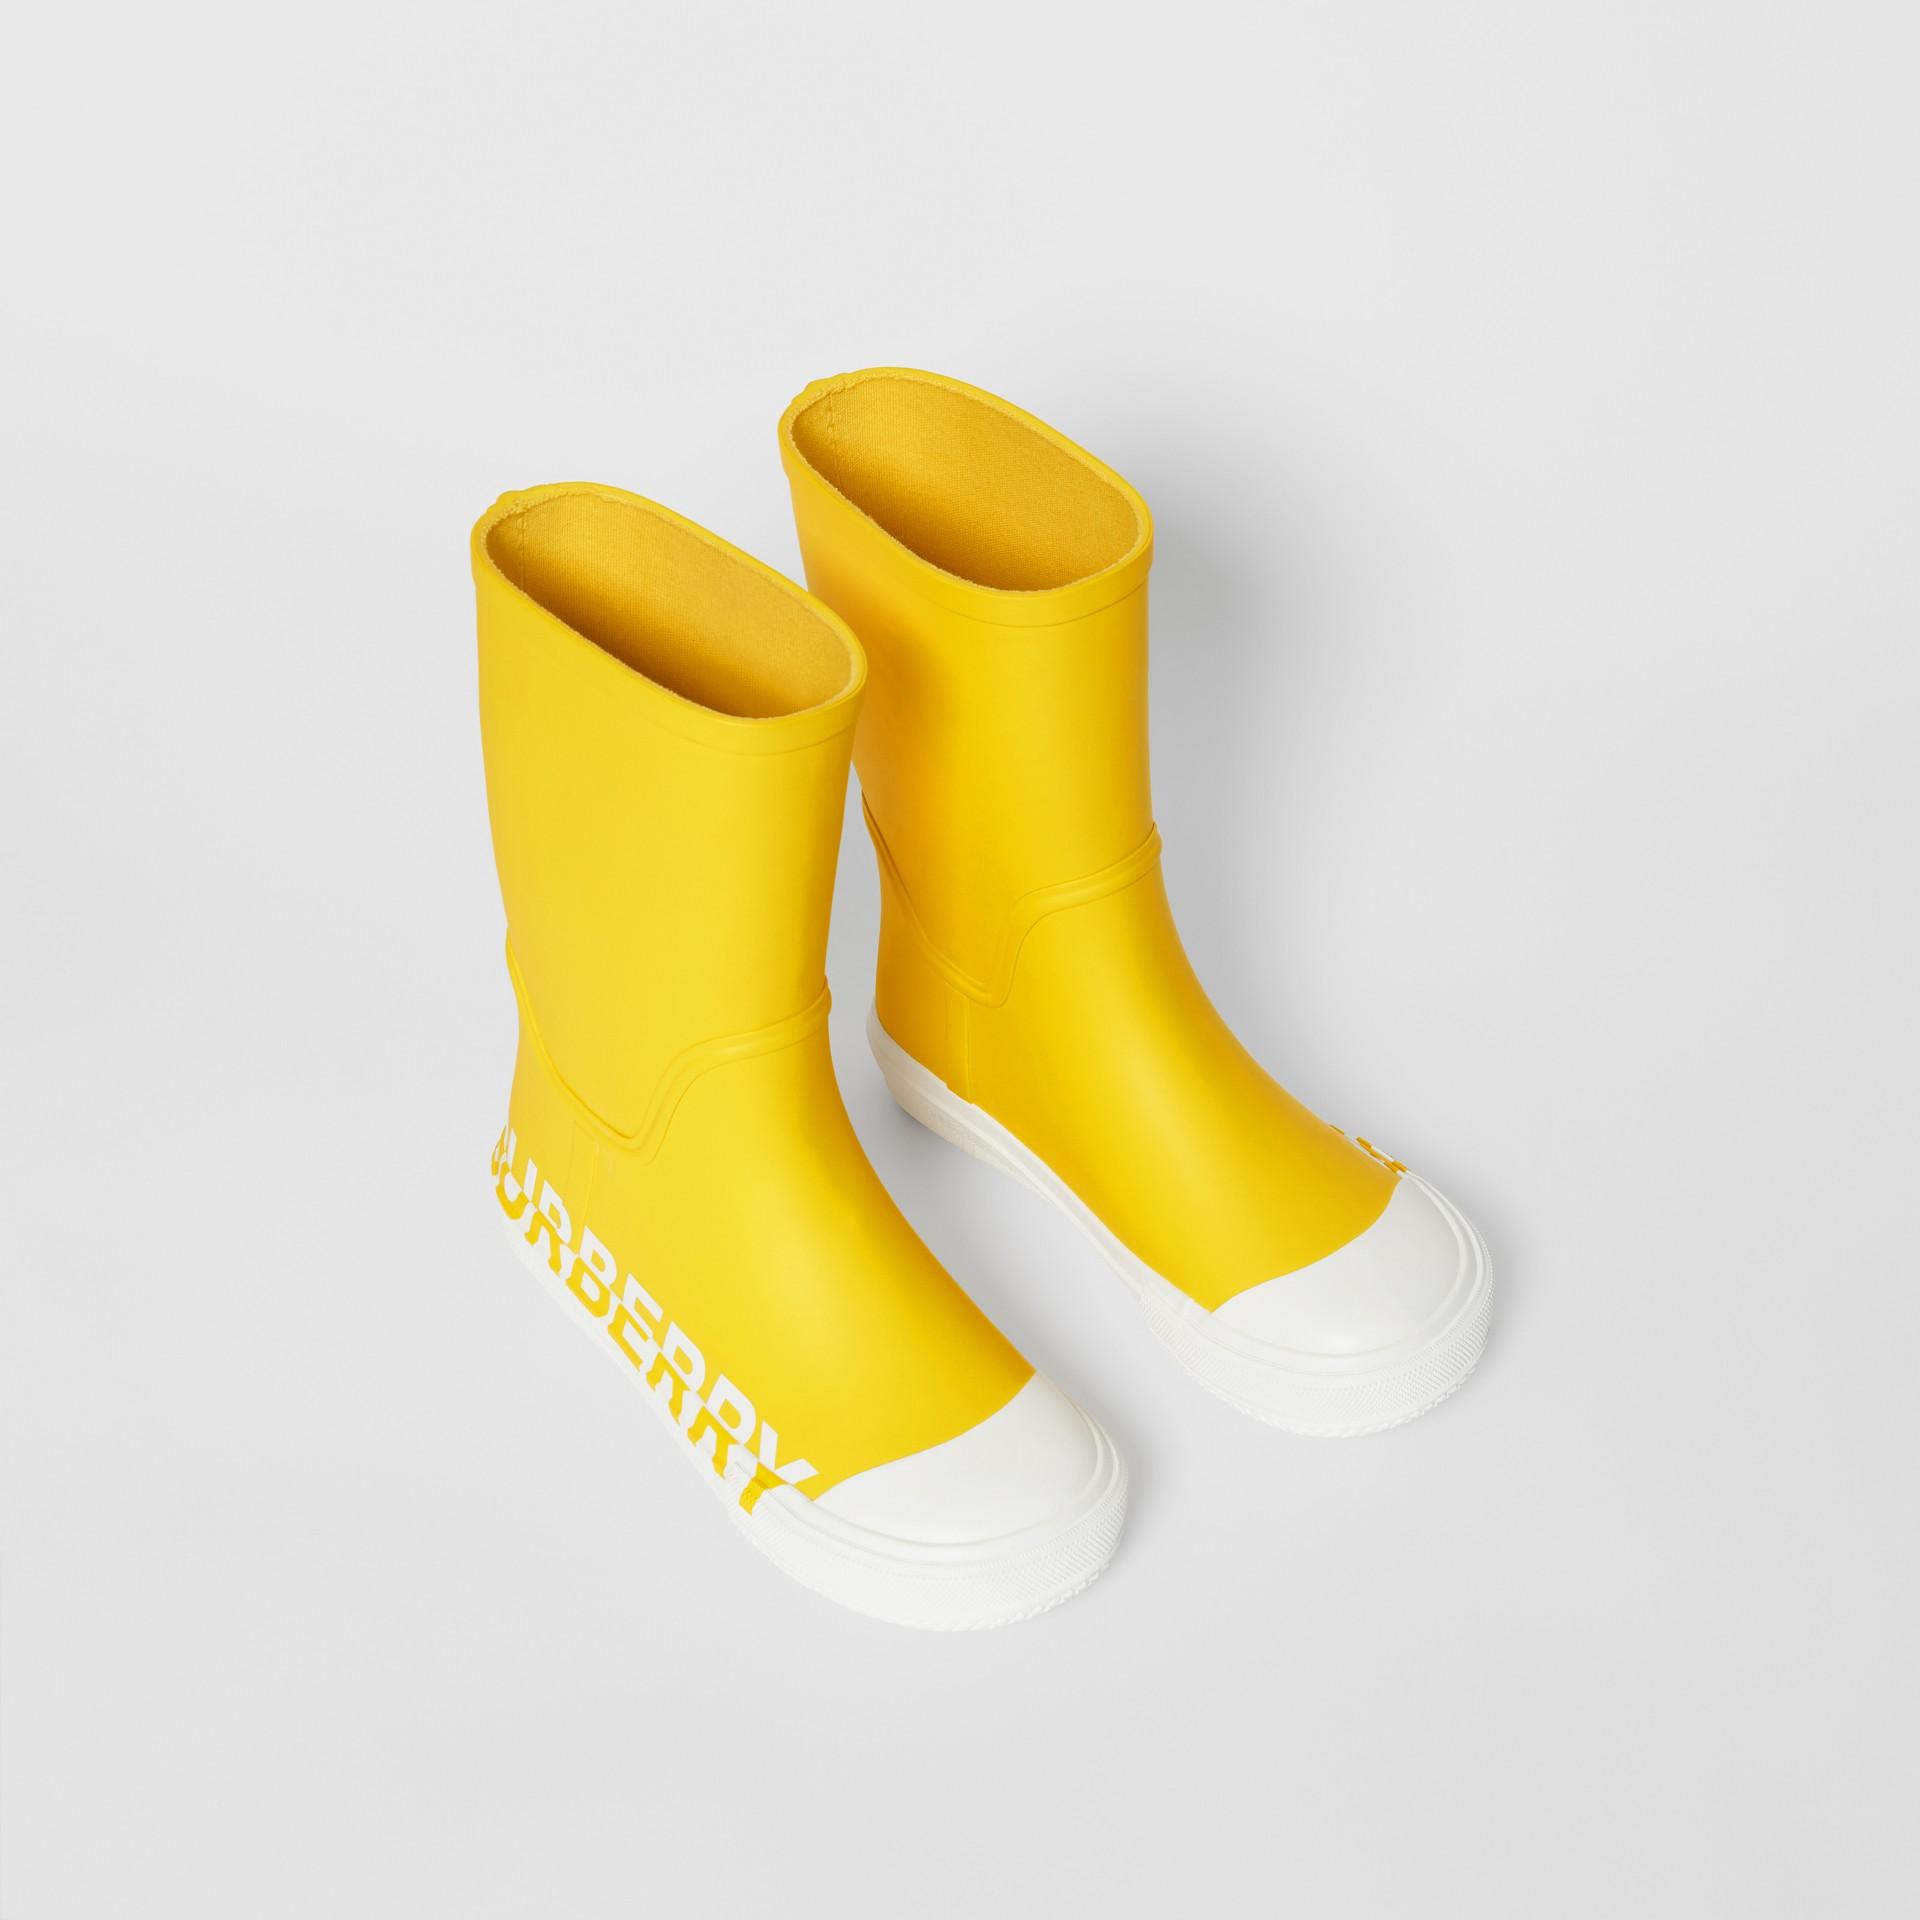 Двухцветные резиновые сапоги с логотипом (Канареечно-желтый) - Для детей | Burberry - изображение 0